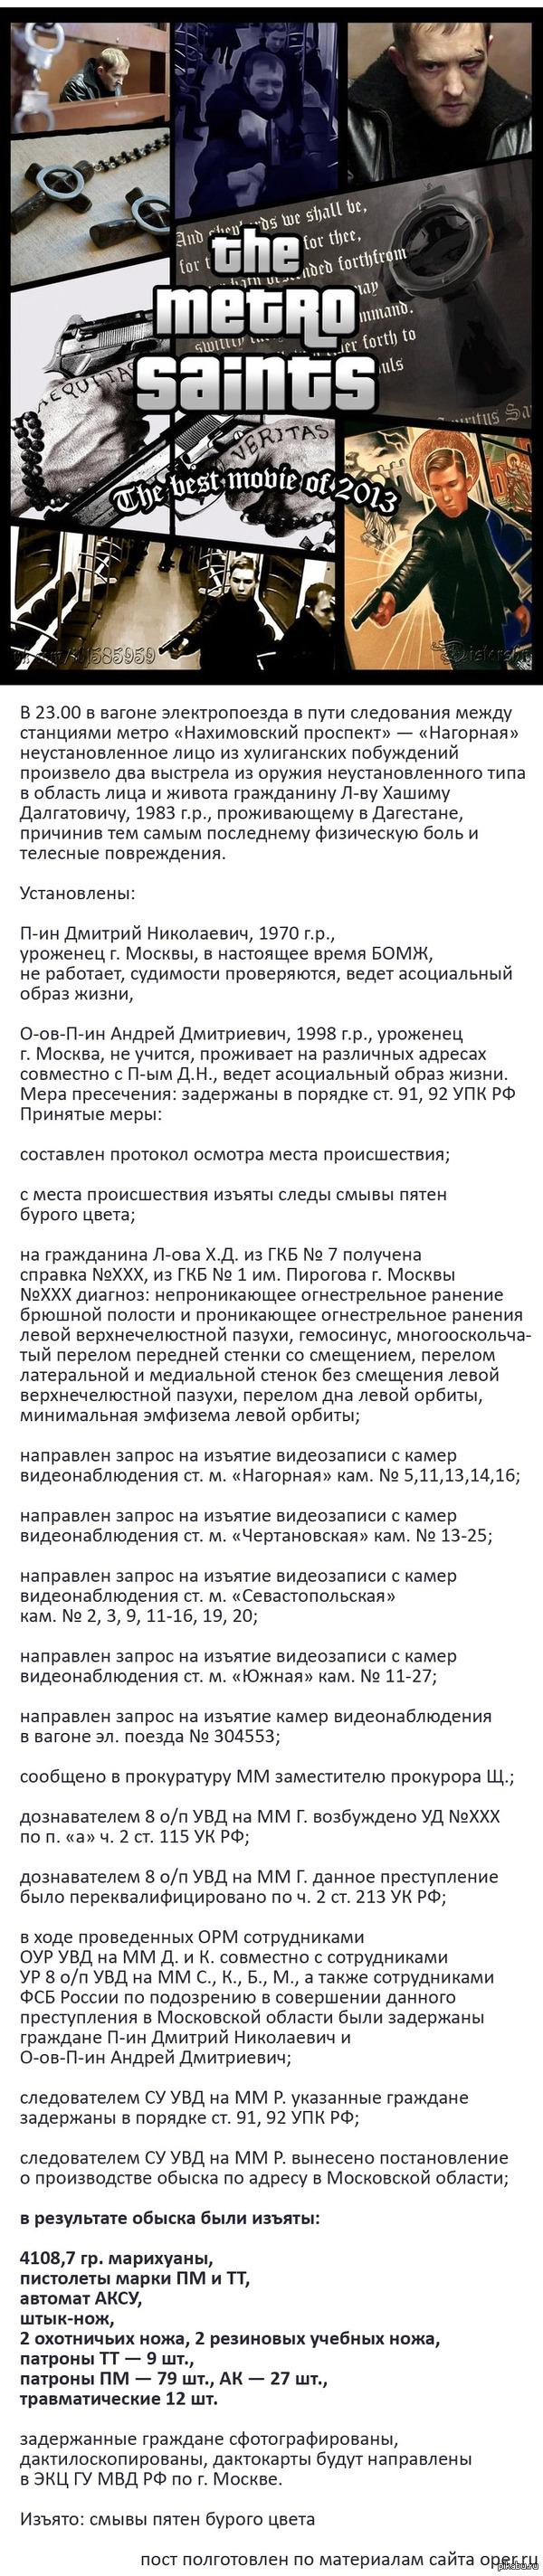 Нашли стрелков-мстителей из московского метро Все мы помним двух отчаянных стрелков, перевозивших таинственную сумку и то-ли давших отпор, то-ли напавших на дагестанца в московском метро. Их таки нашли.